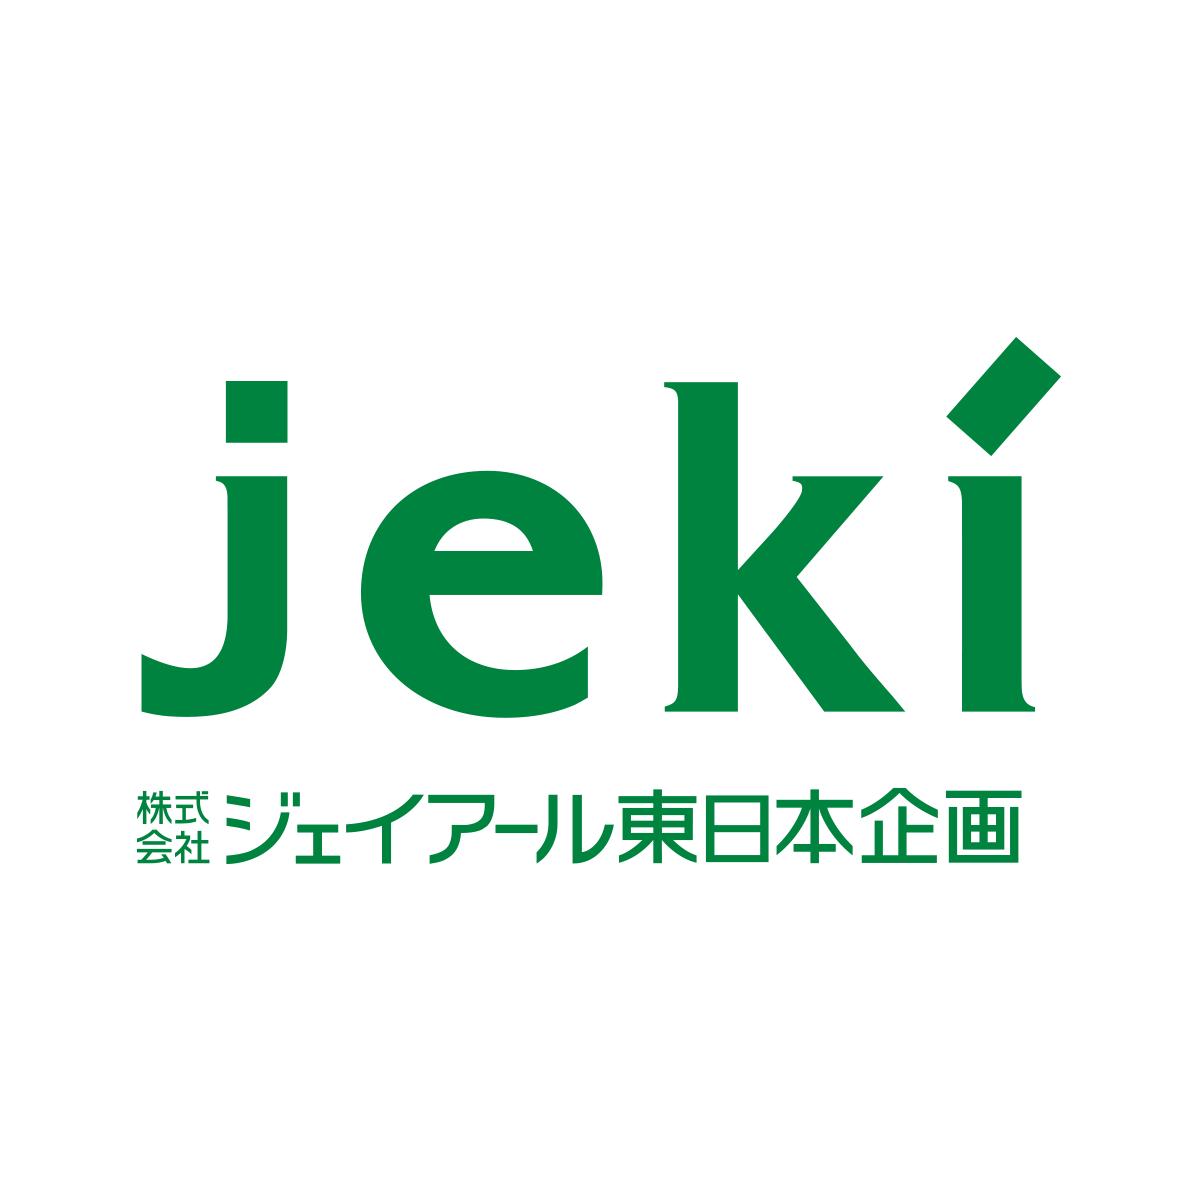 ジェイアール東日本企画、交通広告と位置情報ターゲティングの連動広告を提供開始